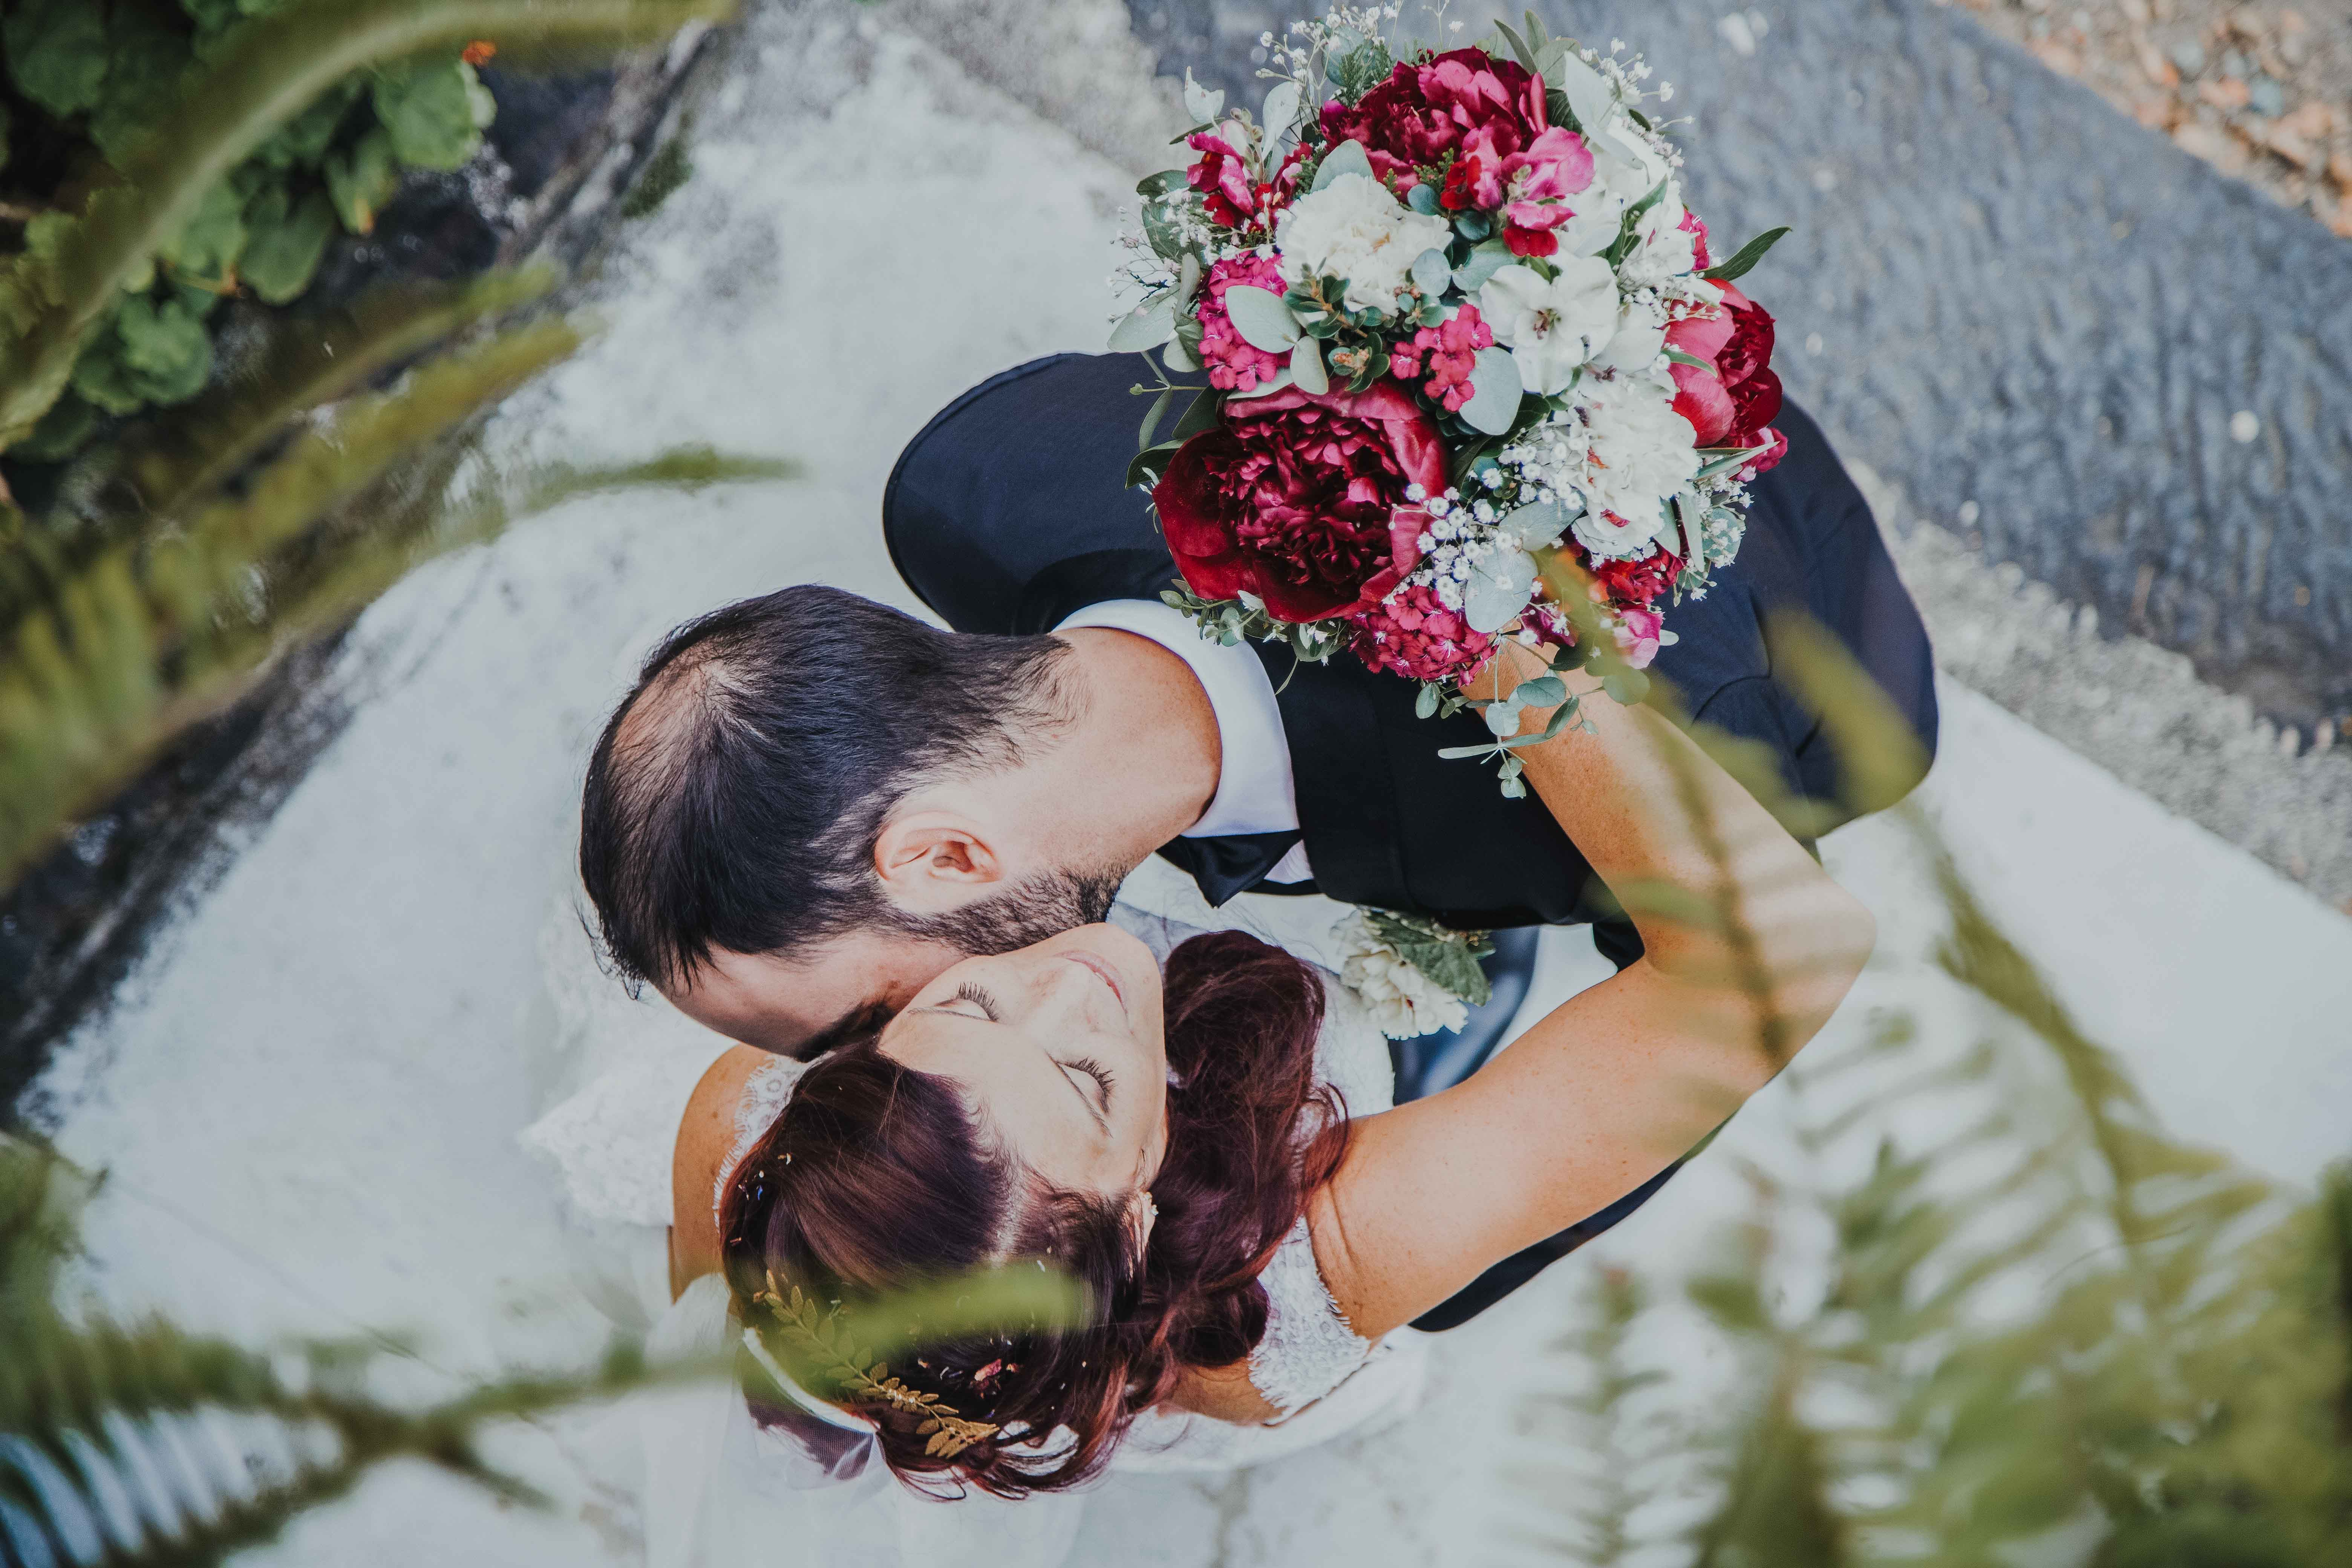 les mariés sont enlacés, vus du dessus, le mariés embrasse la mariée dans le cou